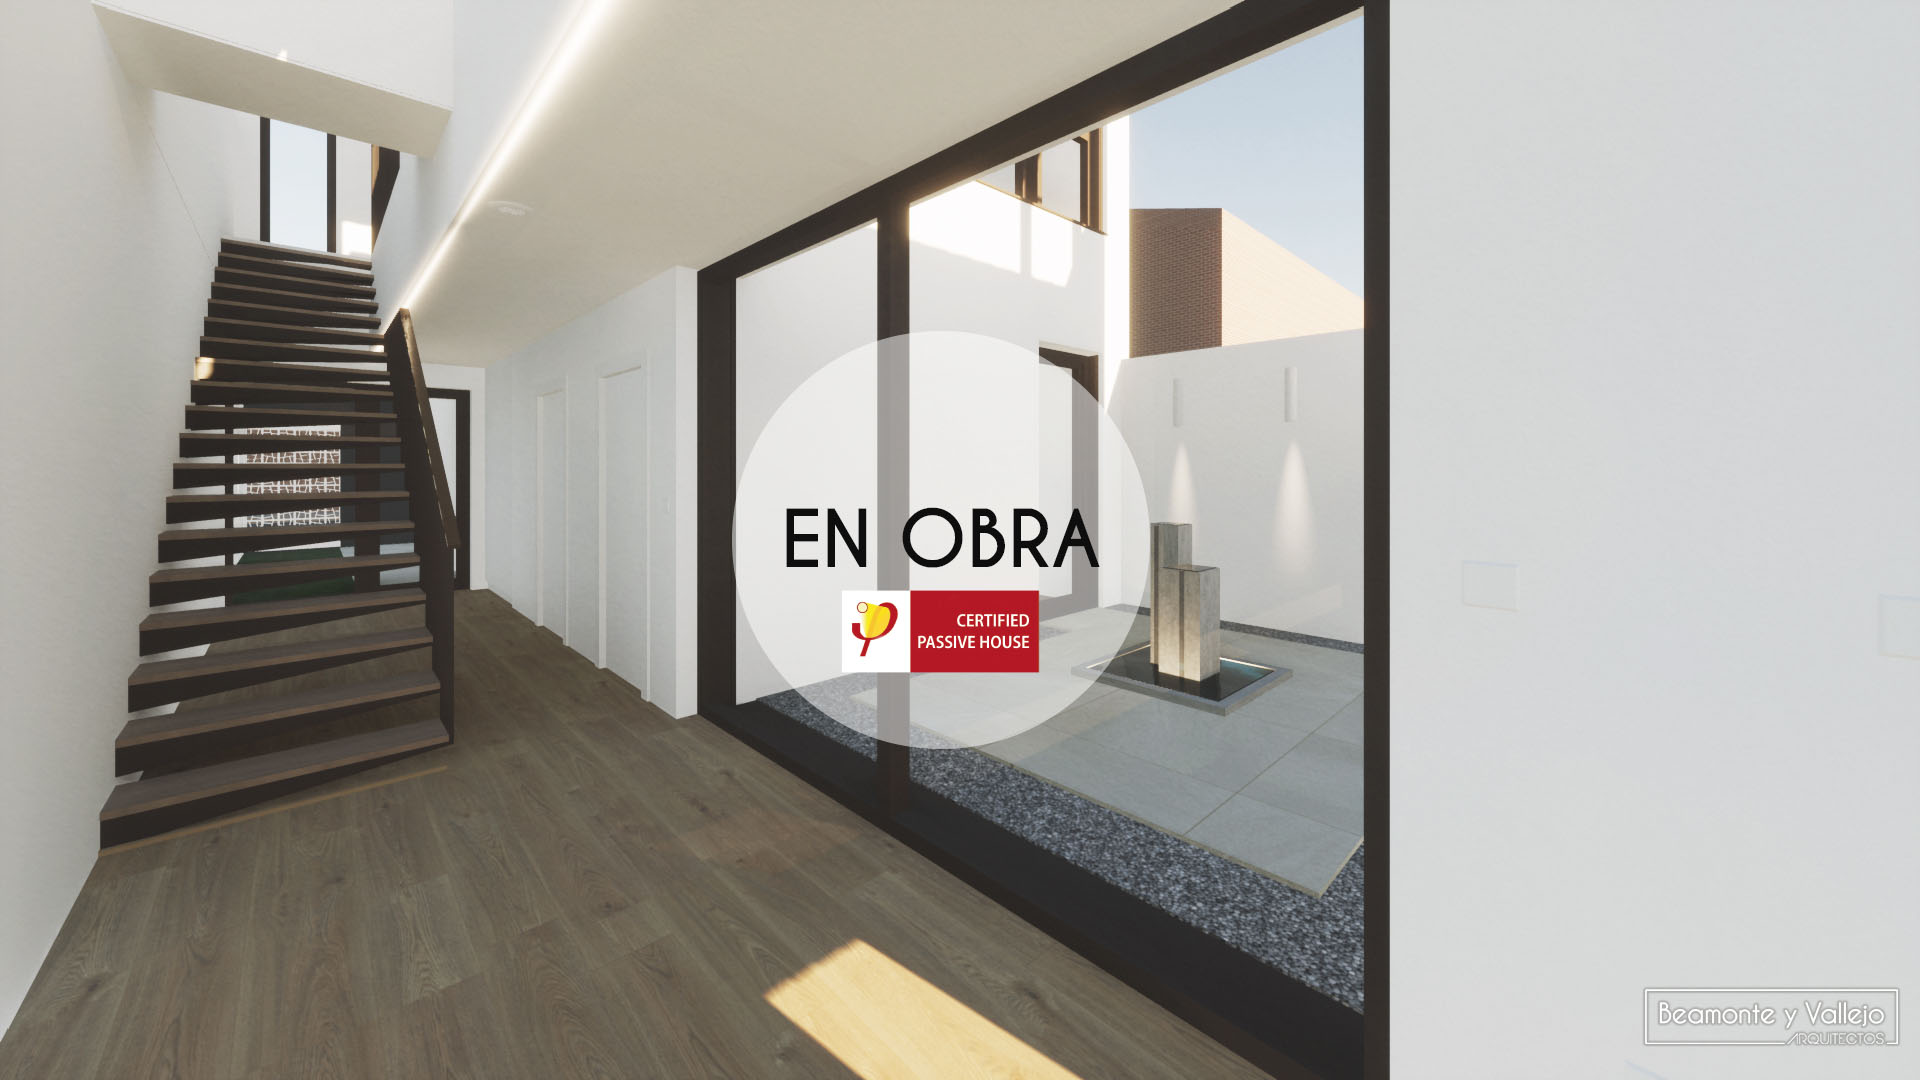 Beamonte y Vallejo arquitectos - Passivhaus Ontinar en obra - 2